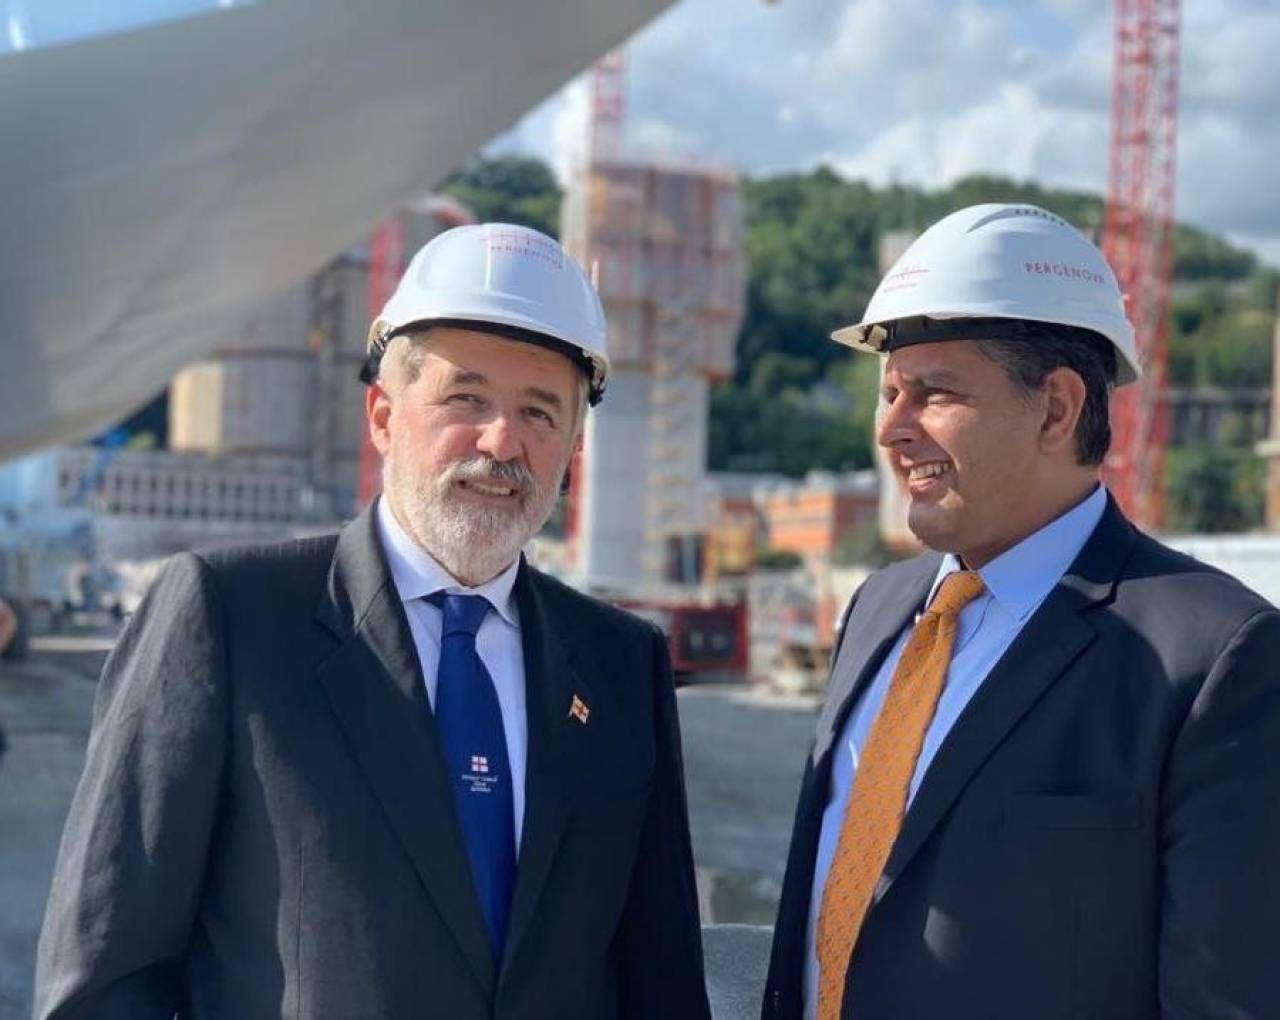 Il sindaco di Genova Marco Bucci e il presidente della Regione Giovanni Toti: in Liguria al via la realizzazione di opere importanti